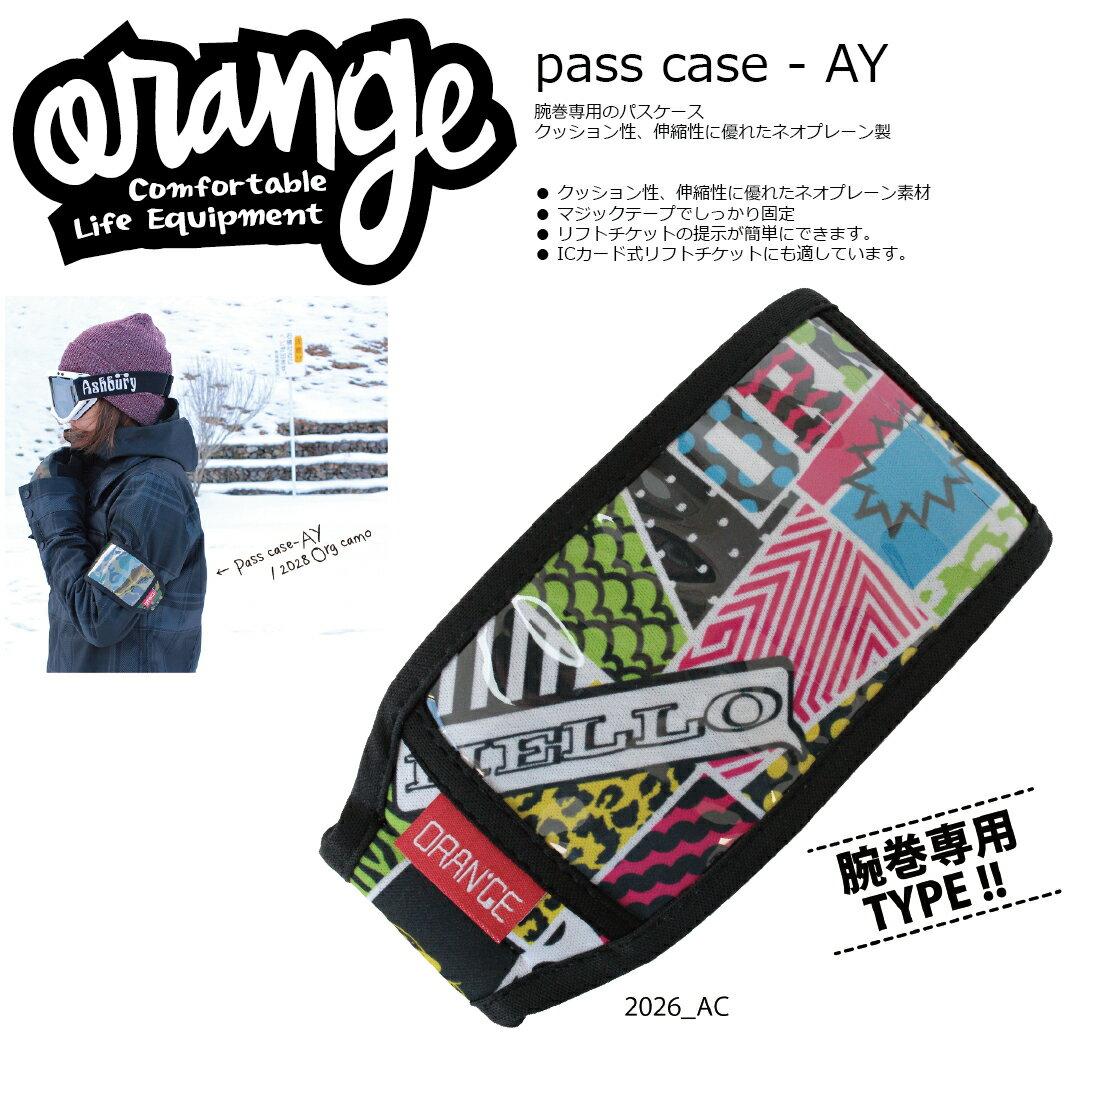 Oran'ge Pass-Case AY 2026 AC オレンジ パスケース エーワイ うで装着タイプ ヨコ 2017 2017-18